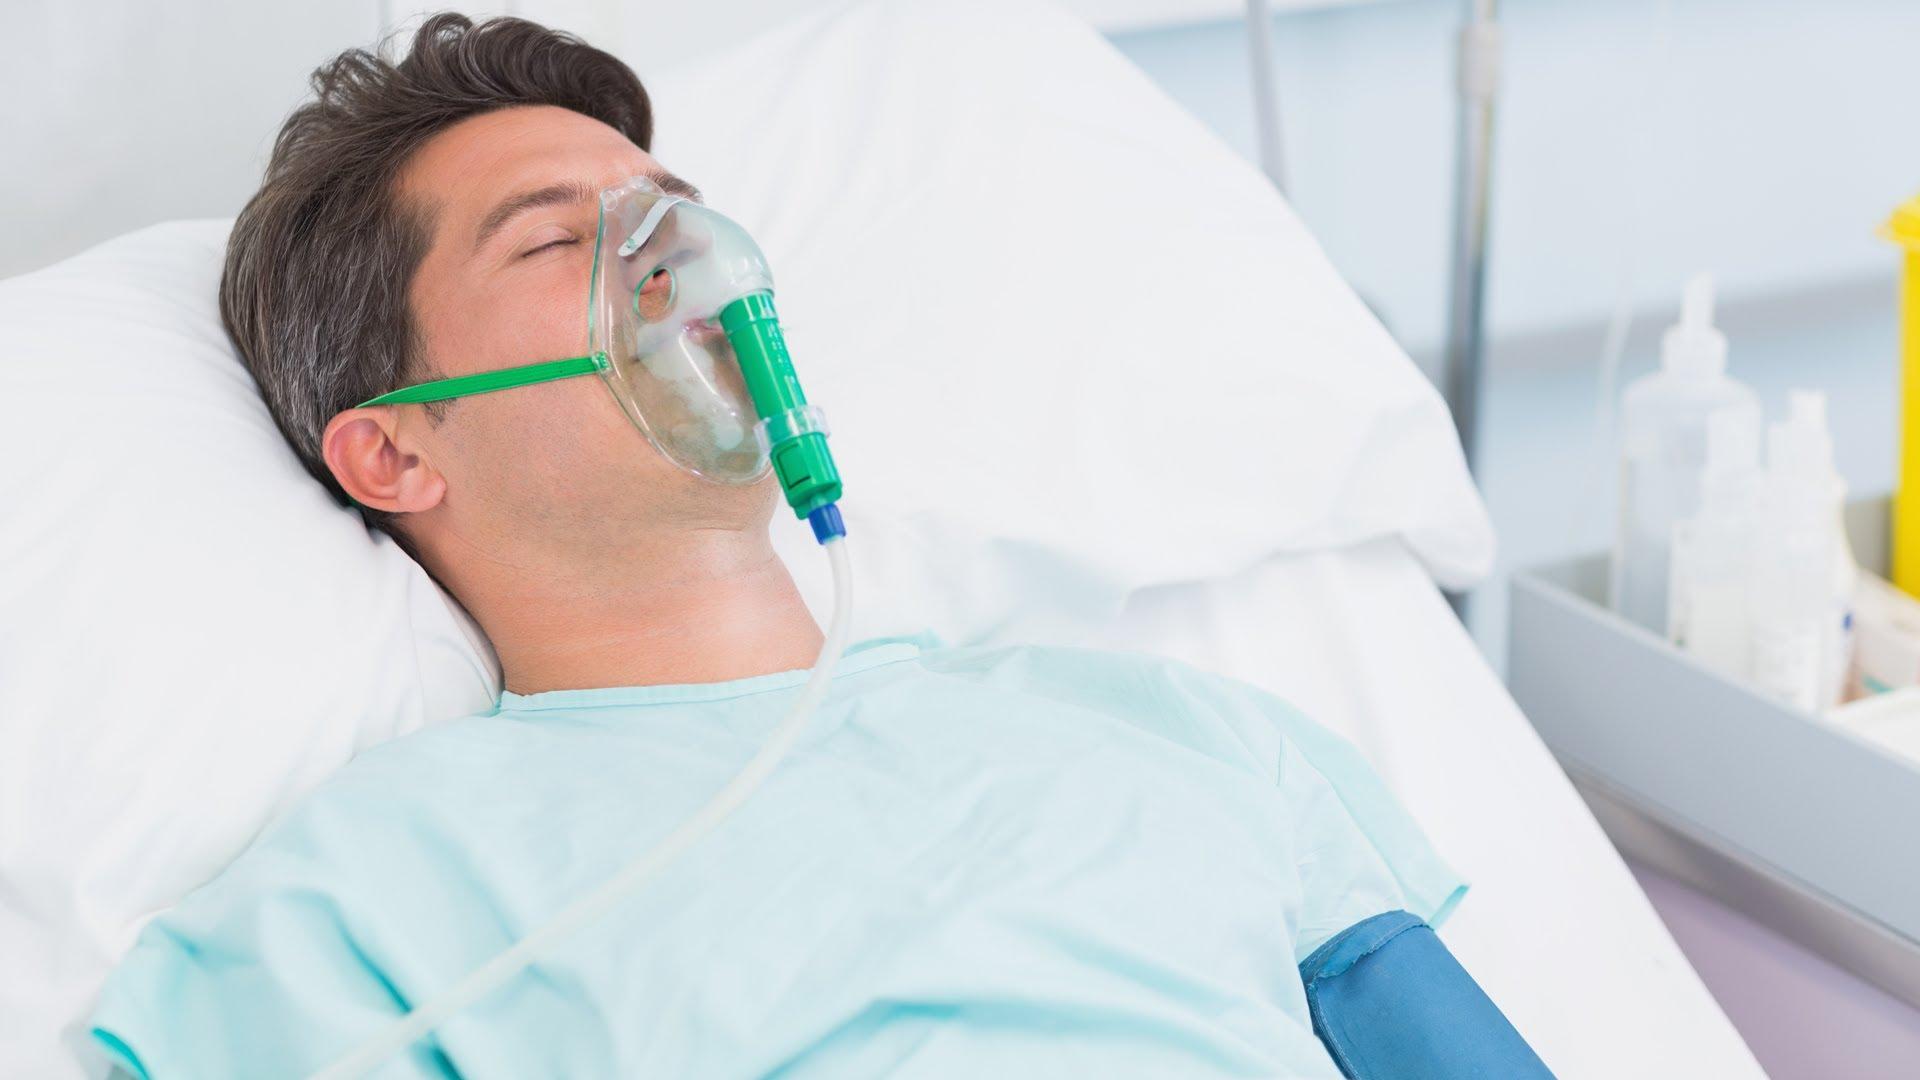 Diabetes Coma: A silent killer of modern days